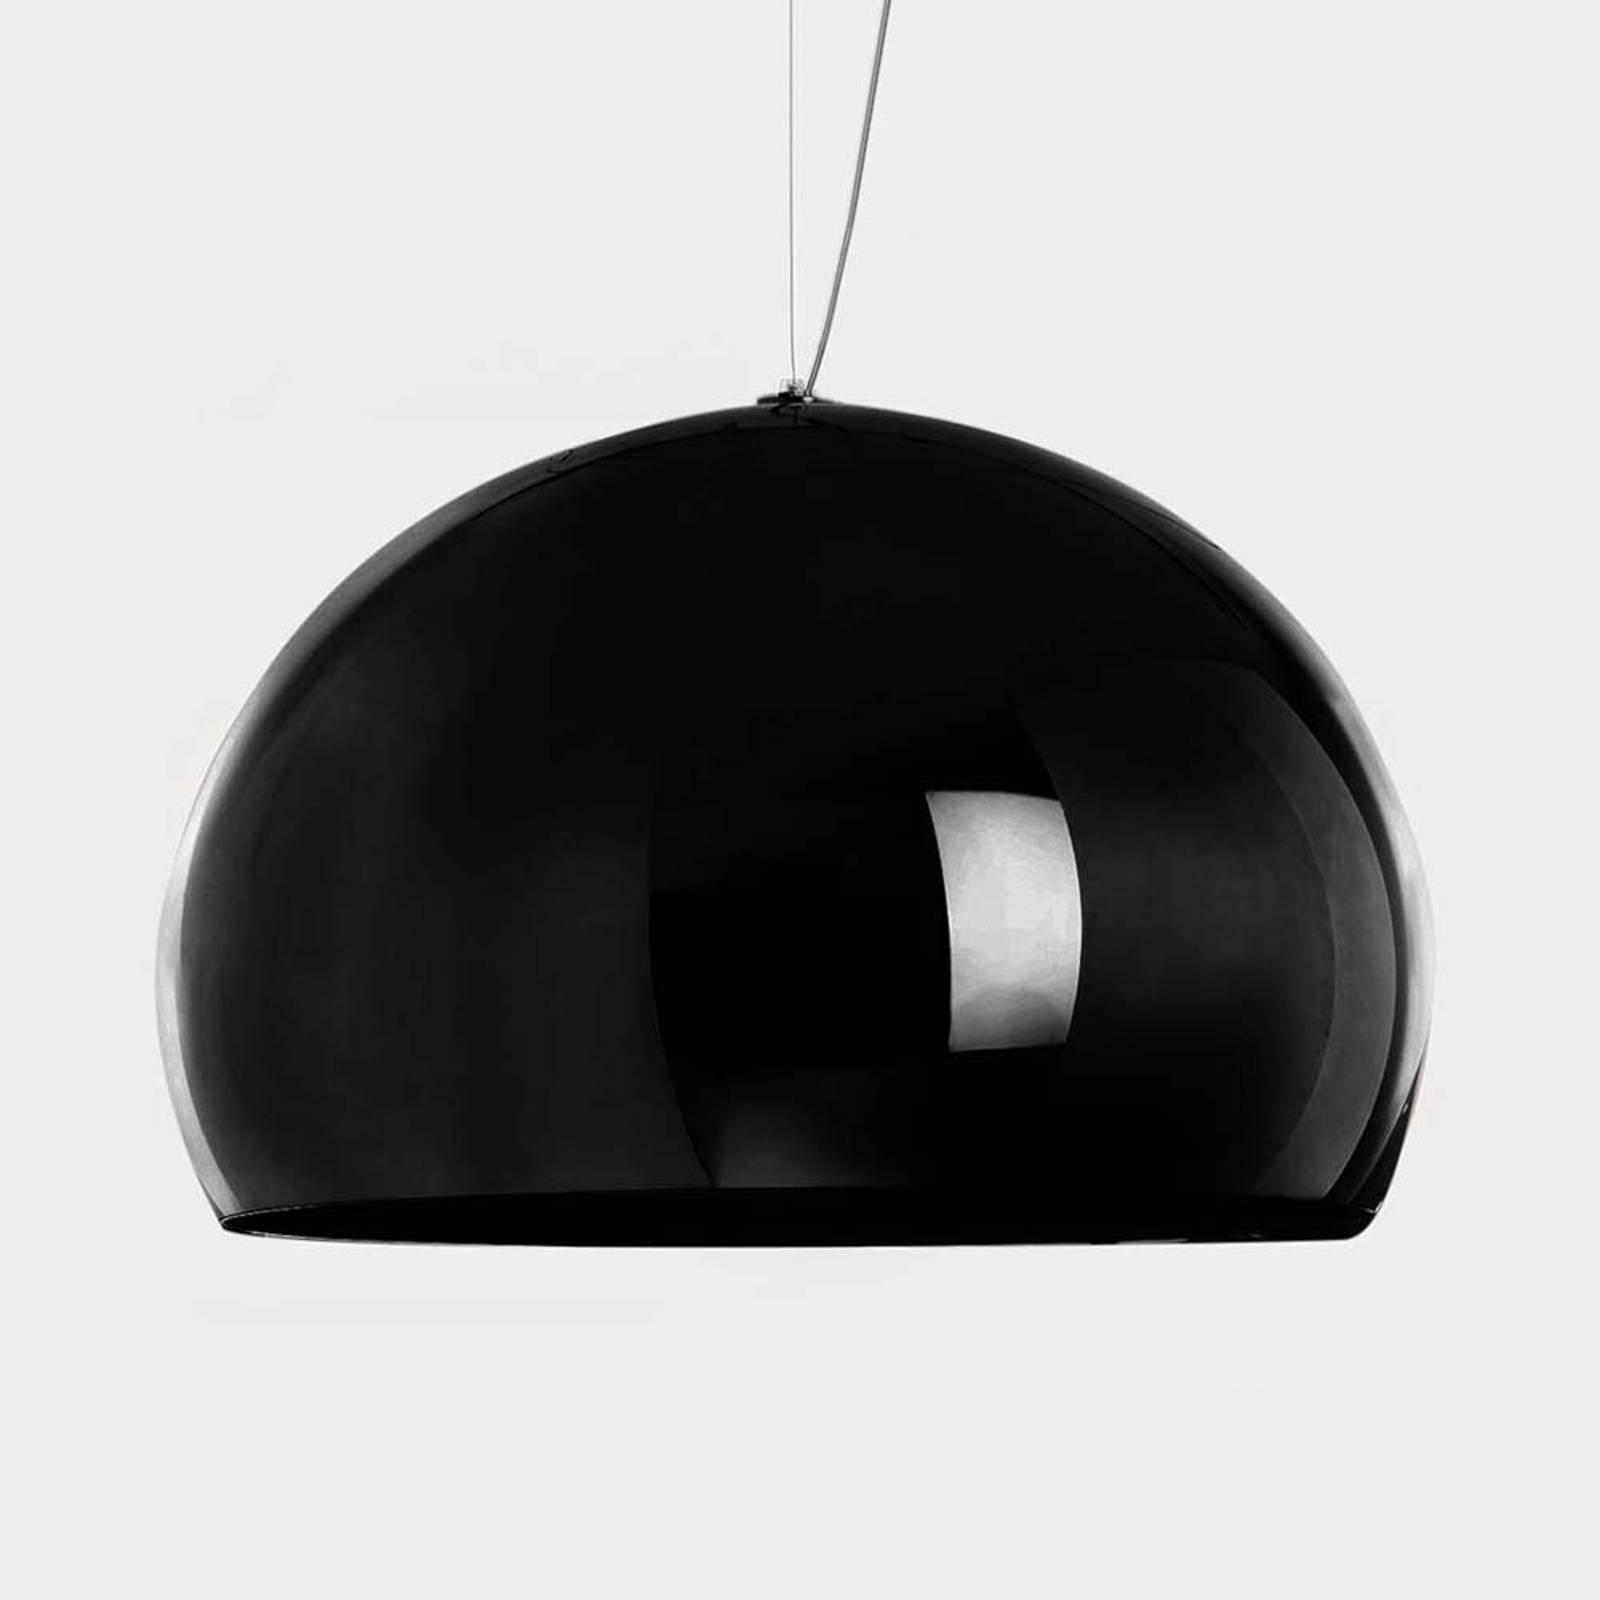 Billede af Kartell FL/Y - LED-hængelampe, blank sort